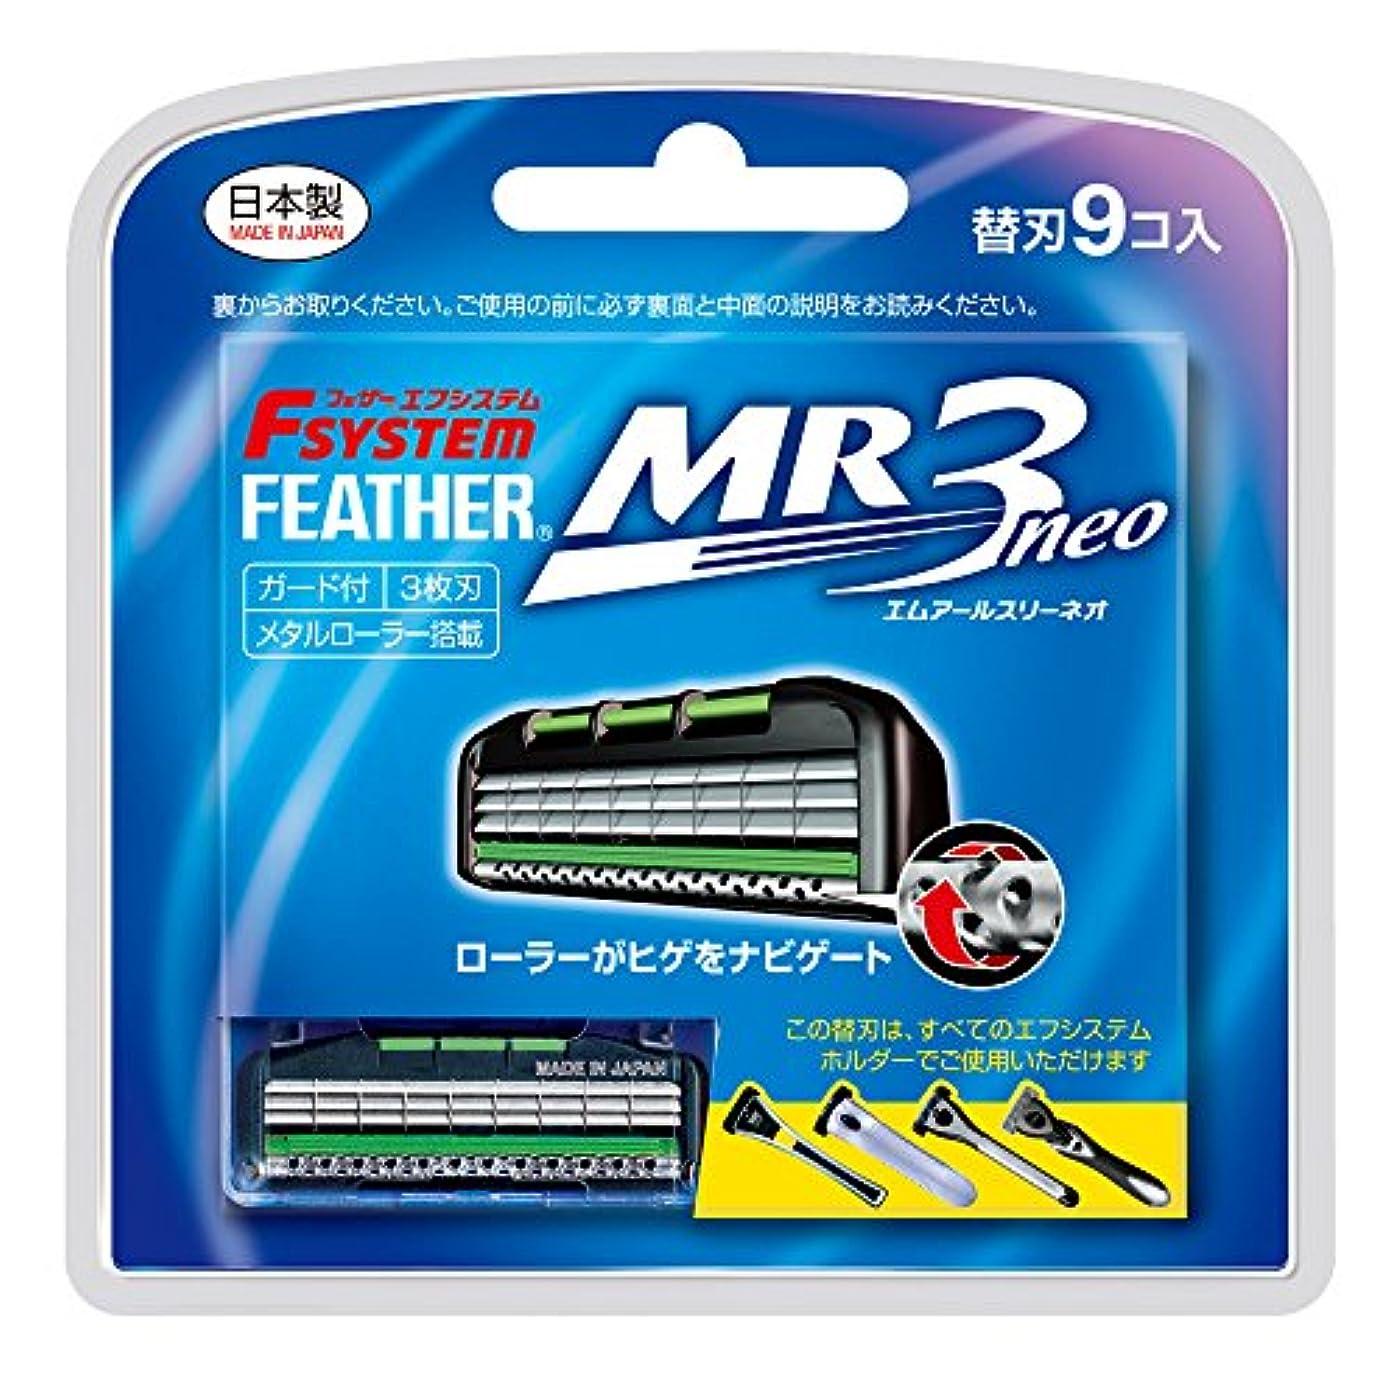 最も遠いまた極めてフェザー エフシステム 替刃 MR3ネオ 9コ入